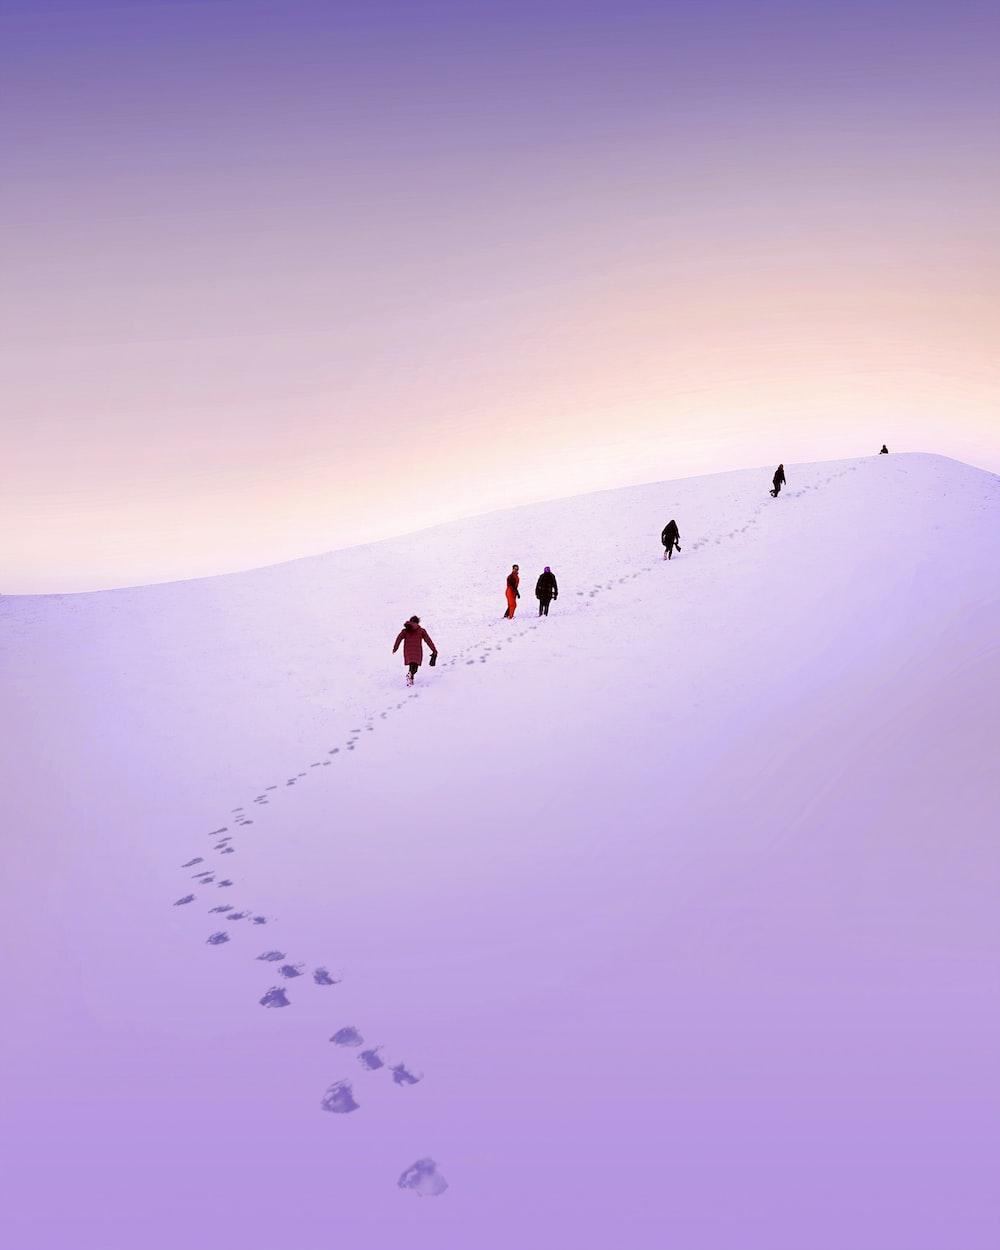 group of people walking snow field